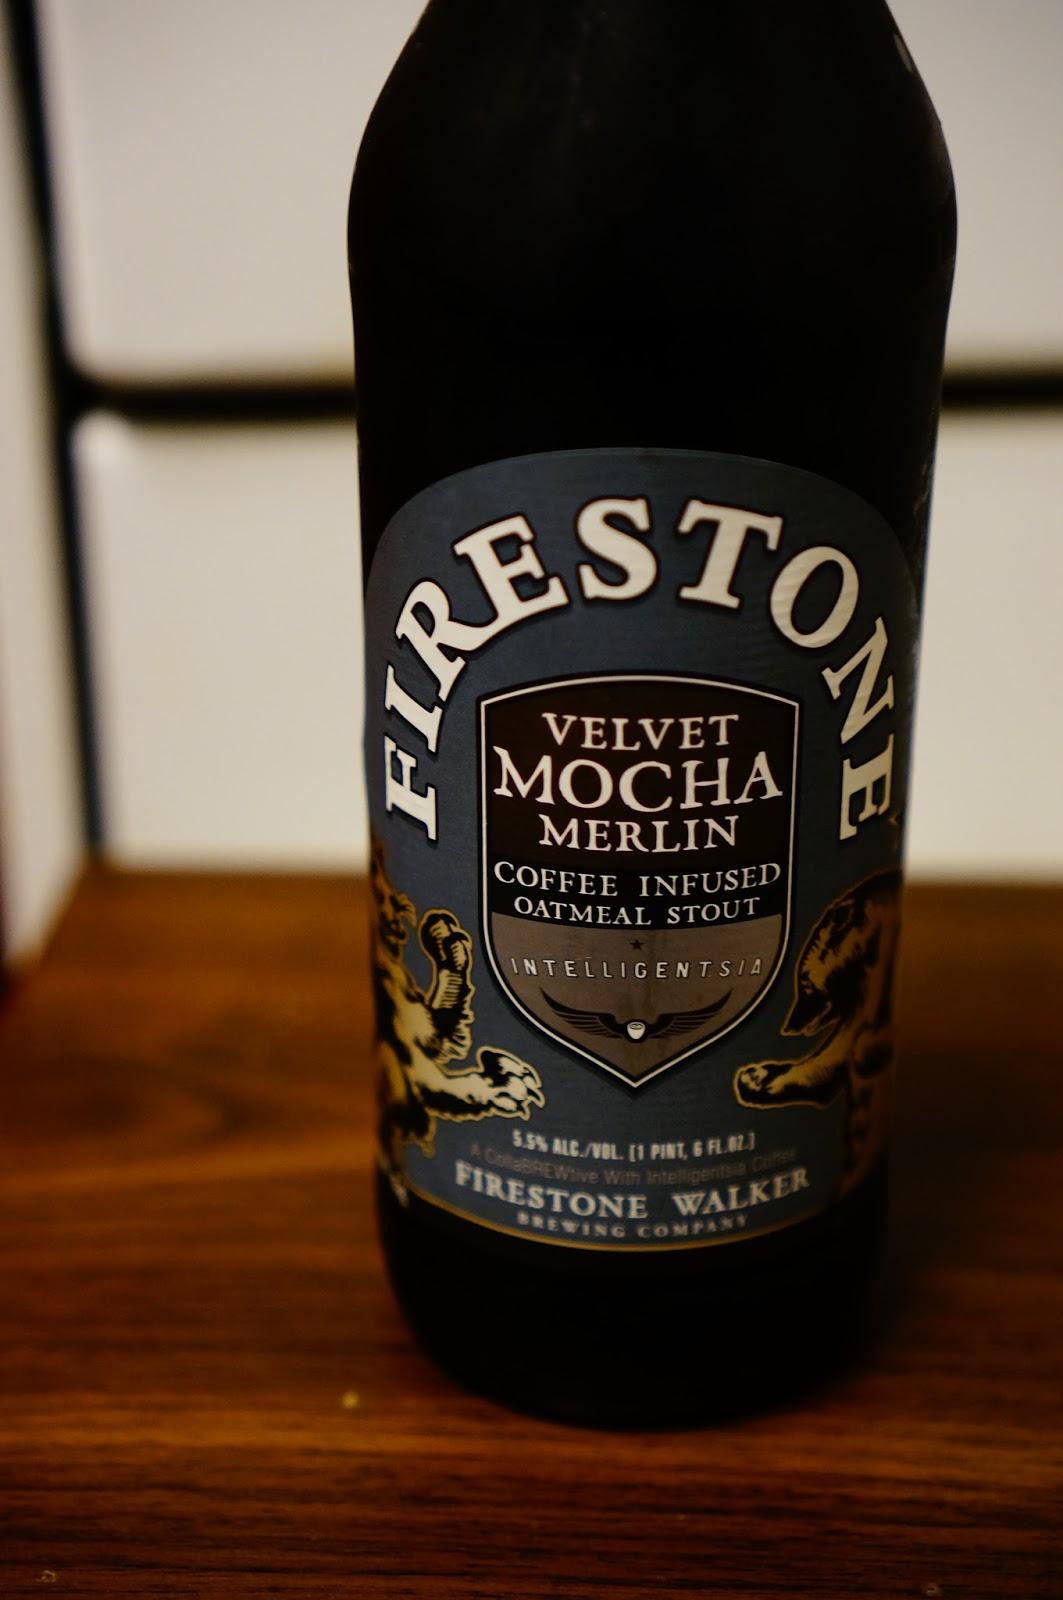 Firestone Walker Velvet Mocha Merlin, bottle